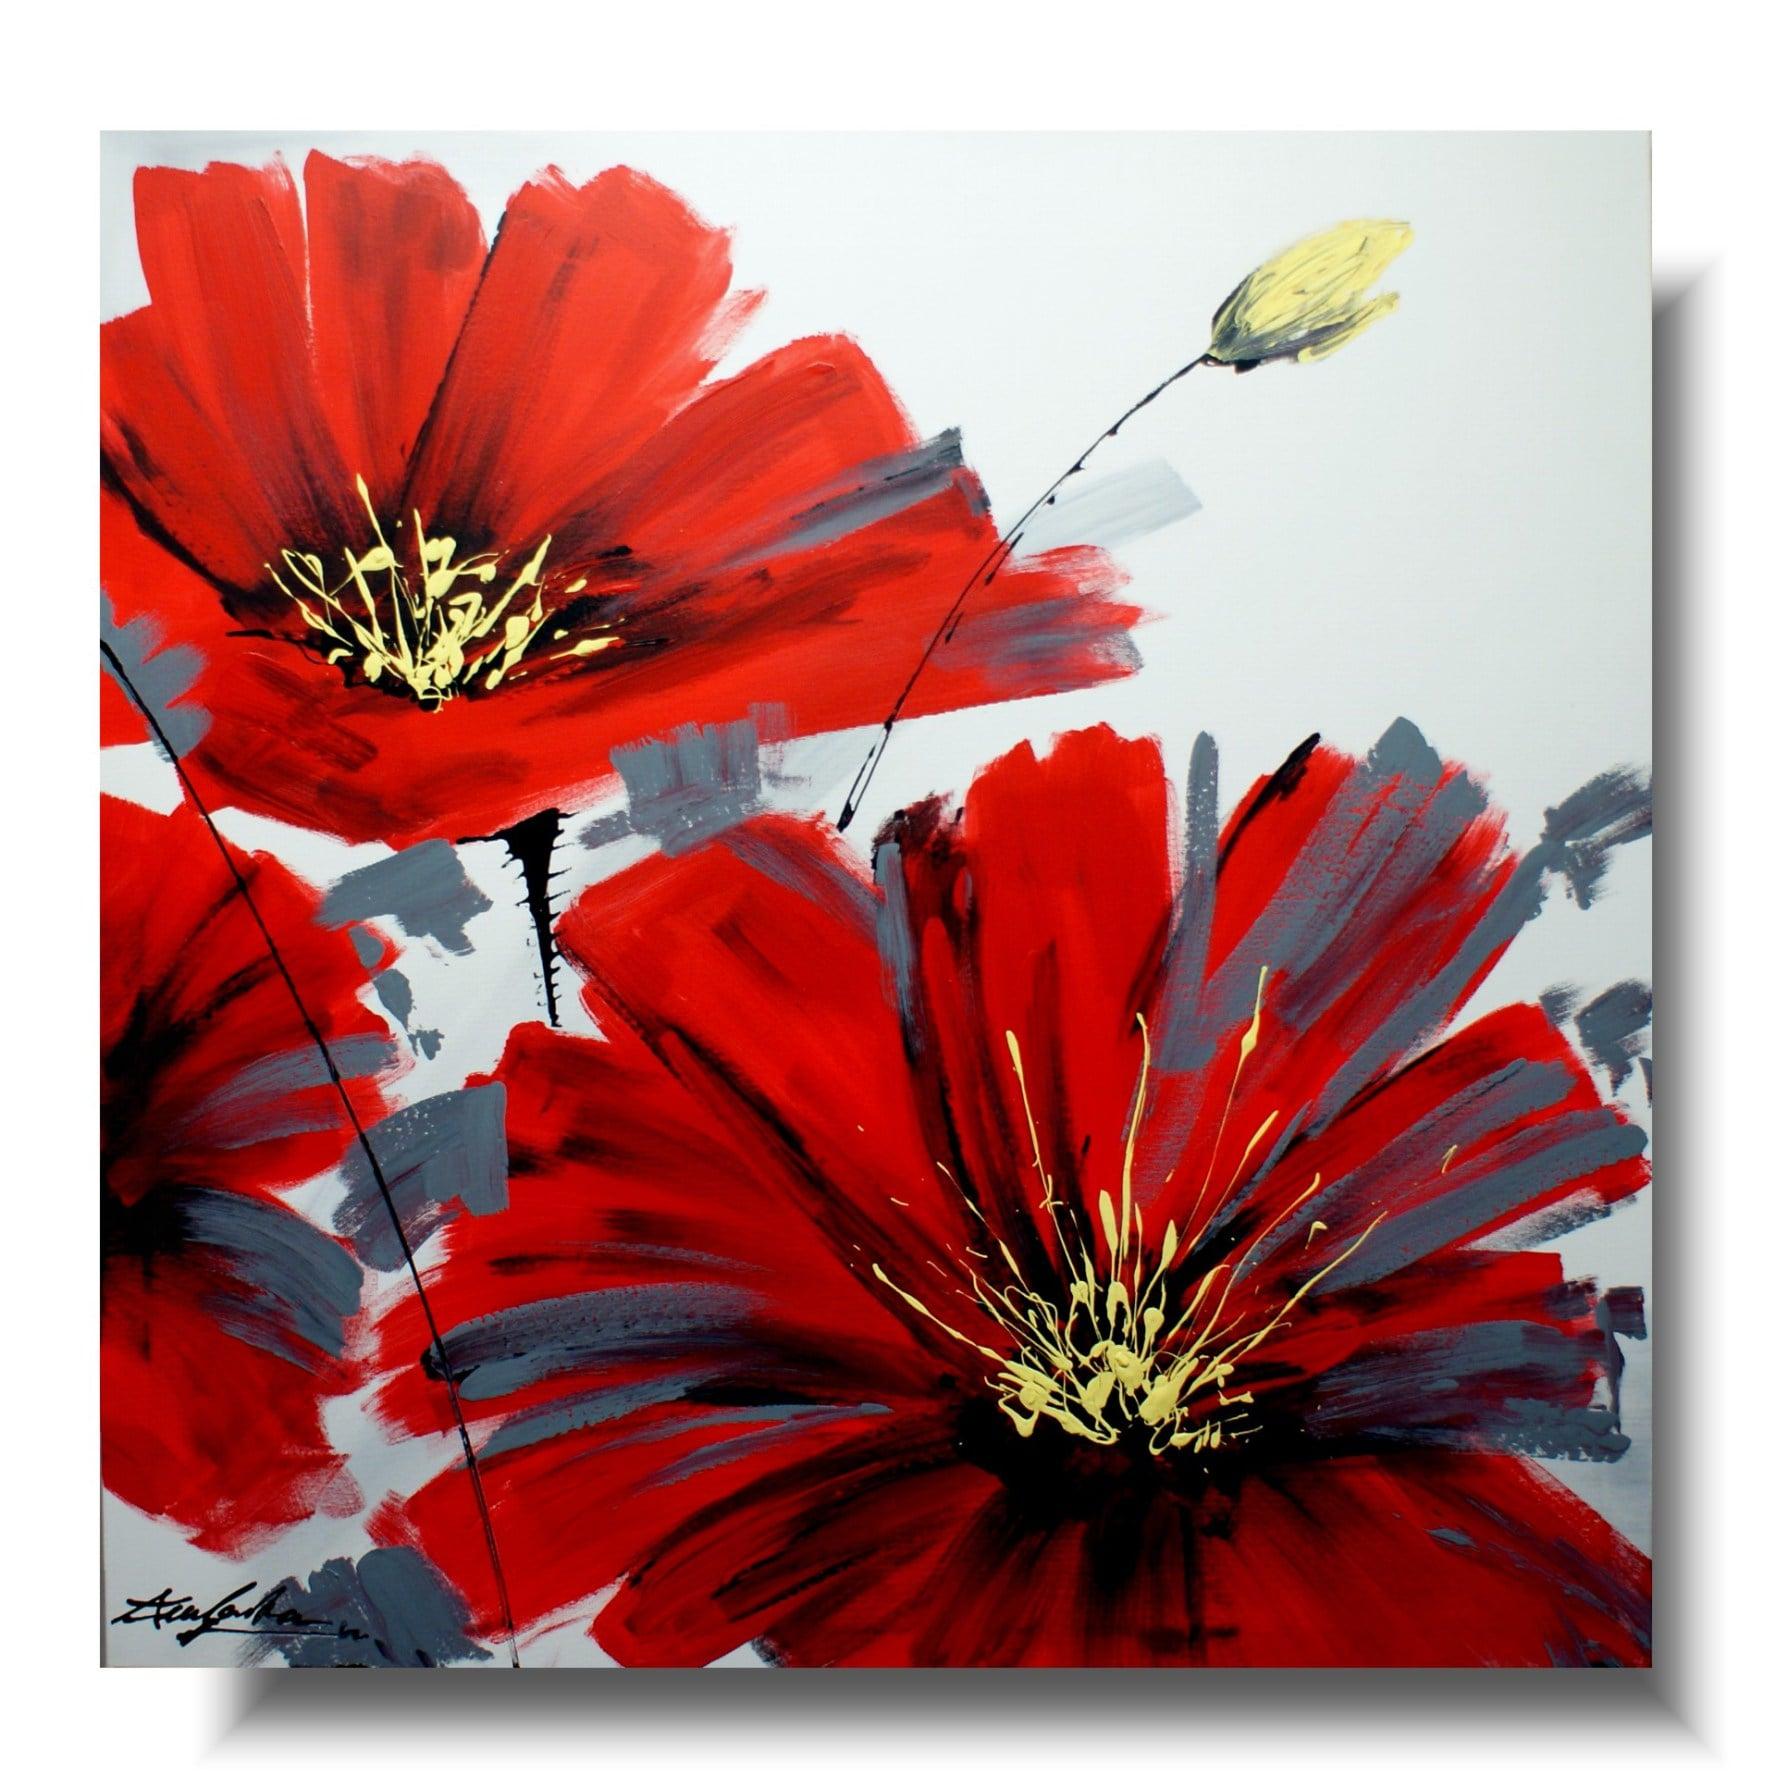 Duży Obraz Czerwony Kwiat Obrazy Kwiaty Na Płótnie 1235a